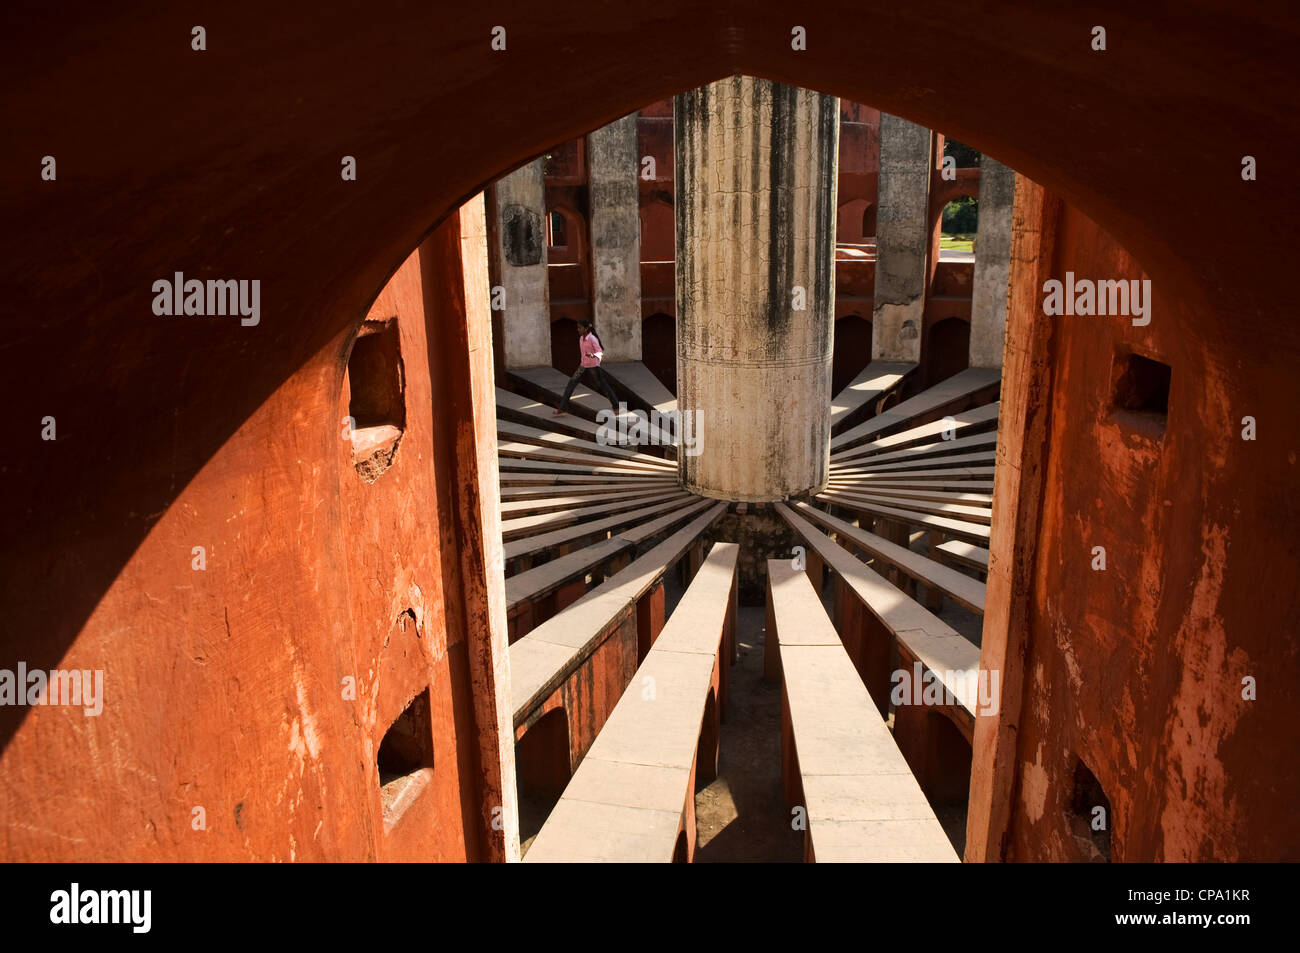 Jantar Mantar, copiati da Jaipur osservatorio originale, Delhi, India Immagini Stock